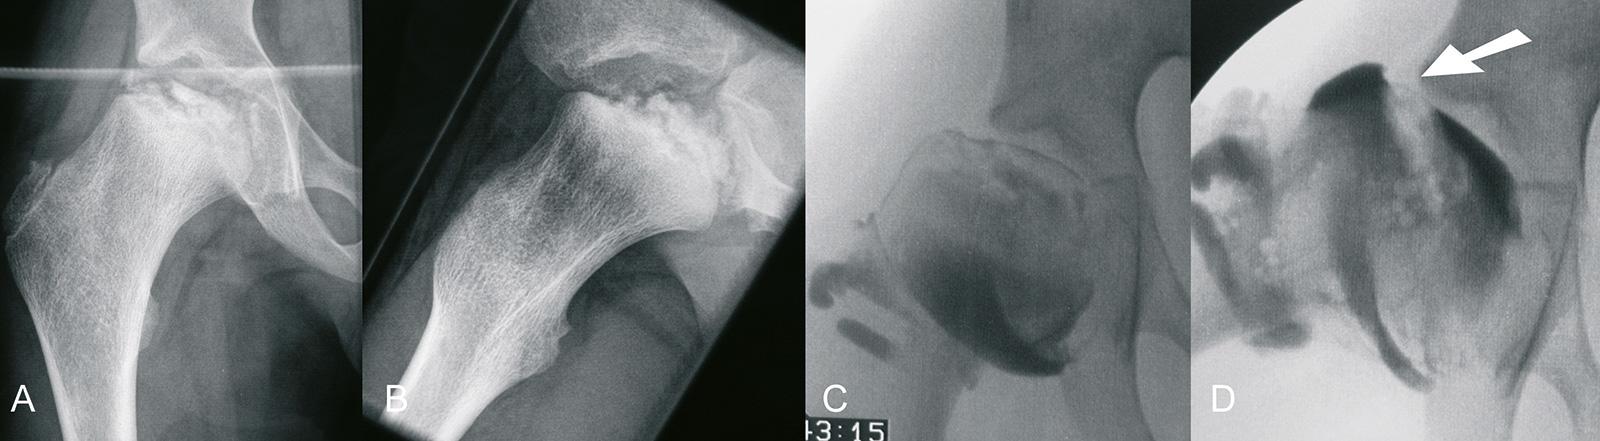 Abb. 4-15: Morbus Perthes bei einem 8-jährigen Kind (A-B). In der Arthrografie (C-D) zeigt sich eine HingeAbduction, d.h. bei vermehrter Abduktion kommt es zu einem Anstoßen der lateralen Kopfanteile und Verbreiterung des medialen Gelenkspaltes (D)